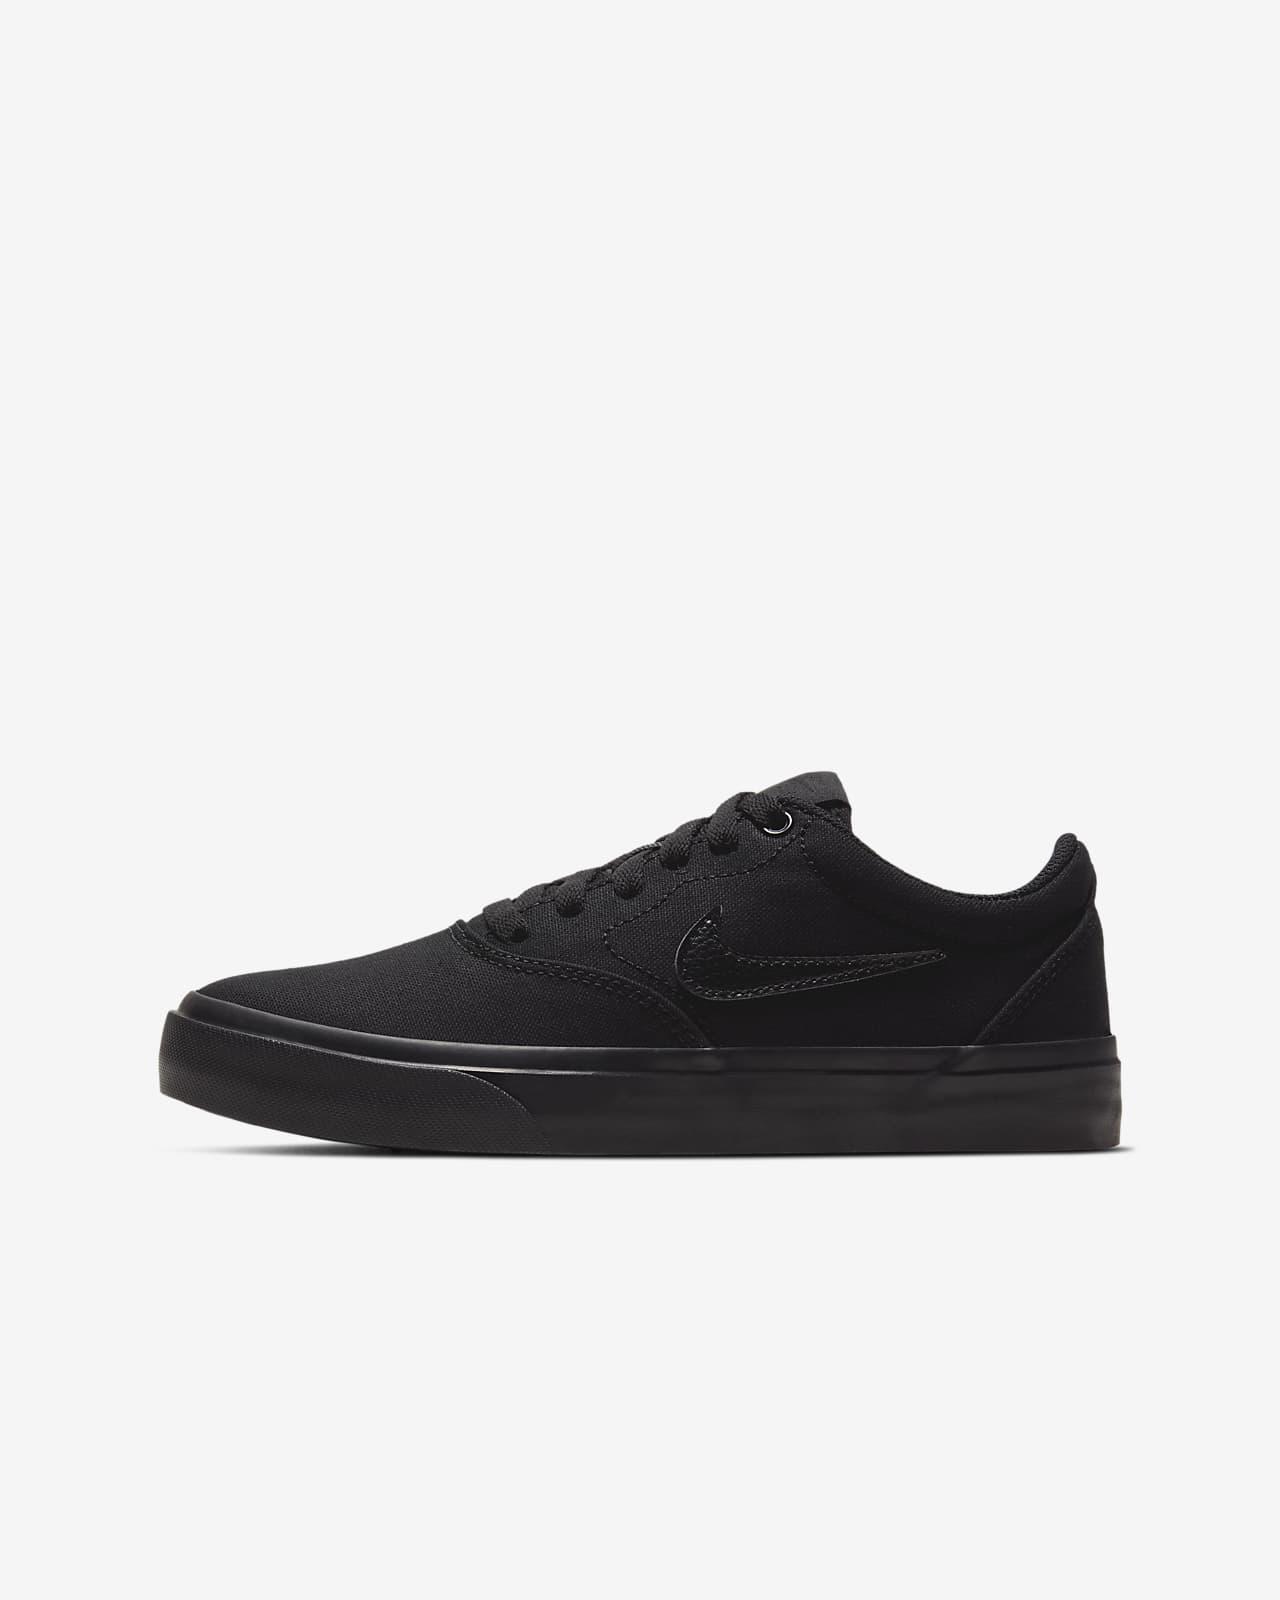 Nike SB Charge Canvas Zapatillas de skateboard - Niño/a